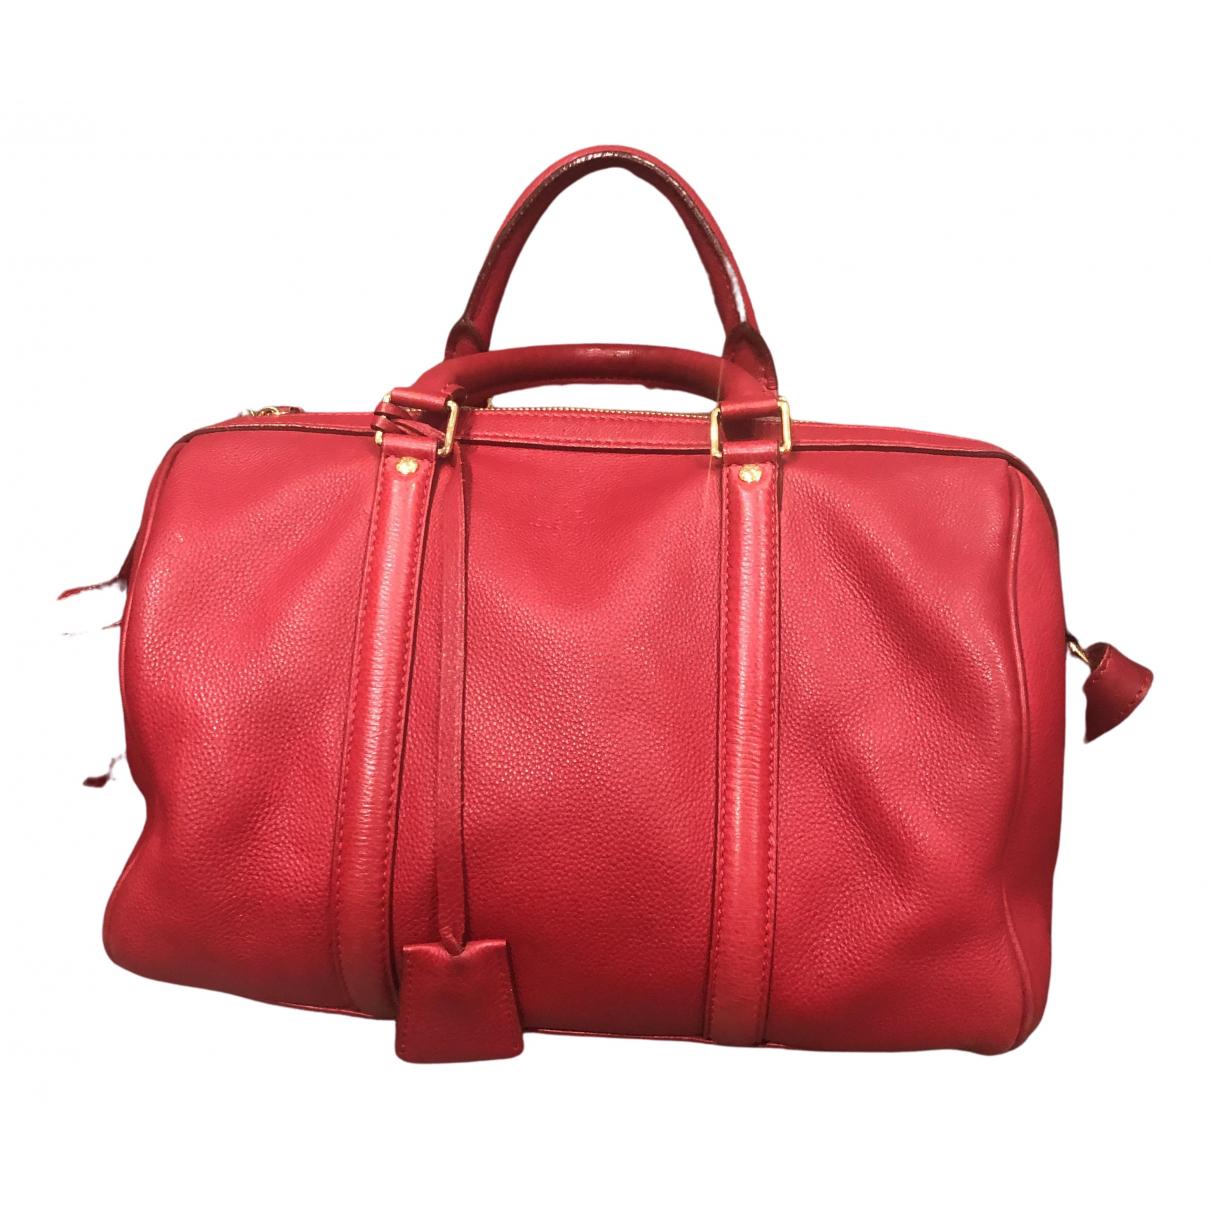 Louis Vuitton - Sac a main Sofia Coppola pour femme en cuir - rouge